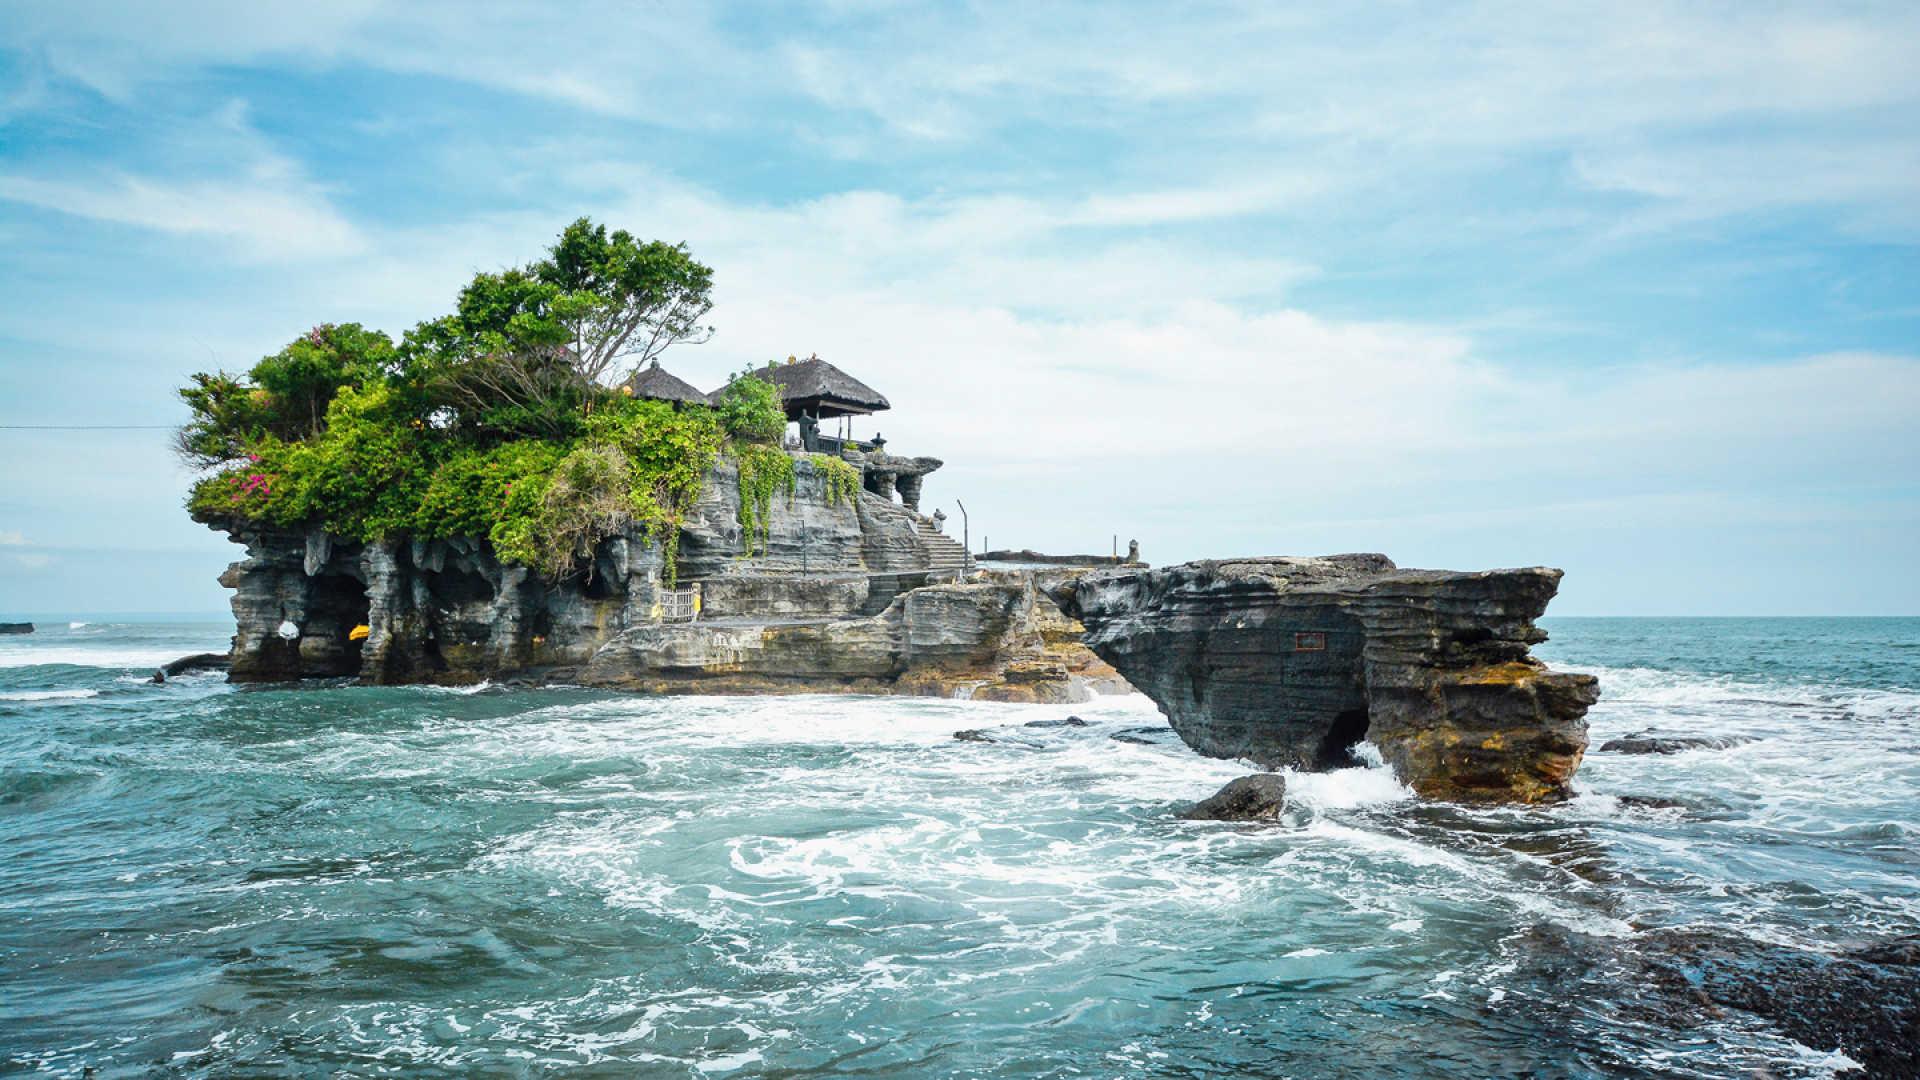 Du lịch Bali hòn đảo đẹp như thiên đường của Indonesia